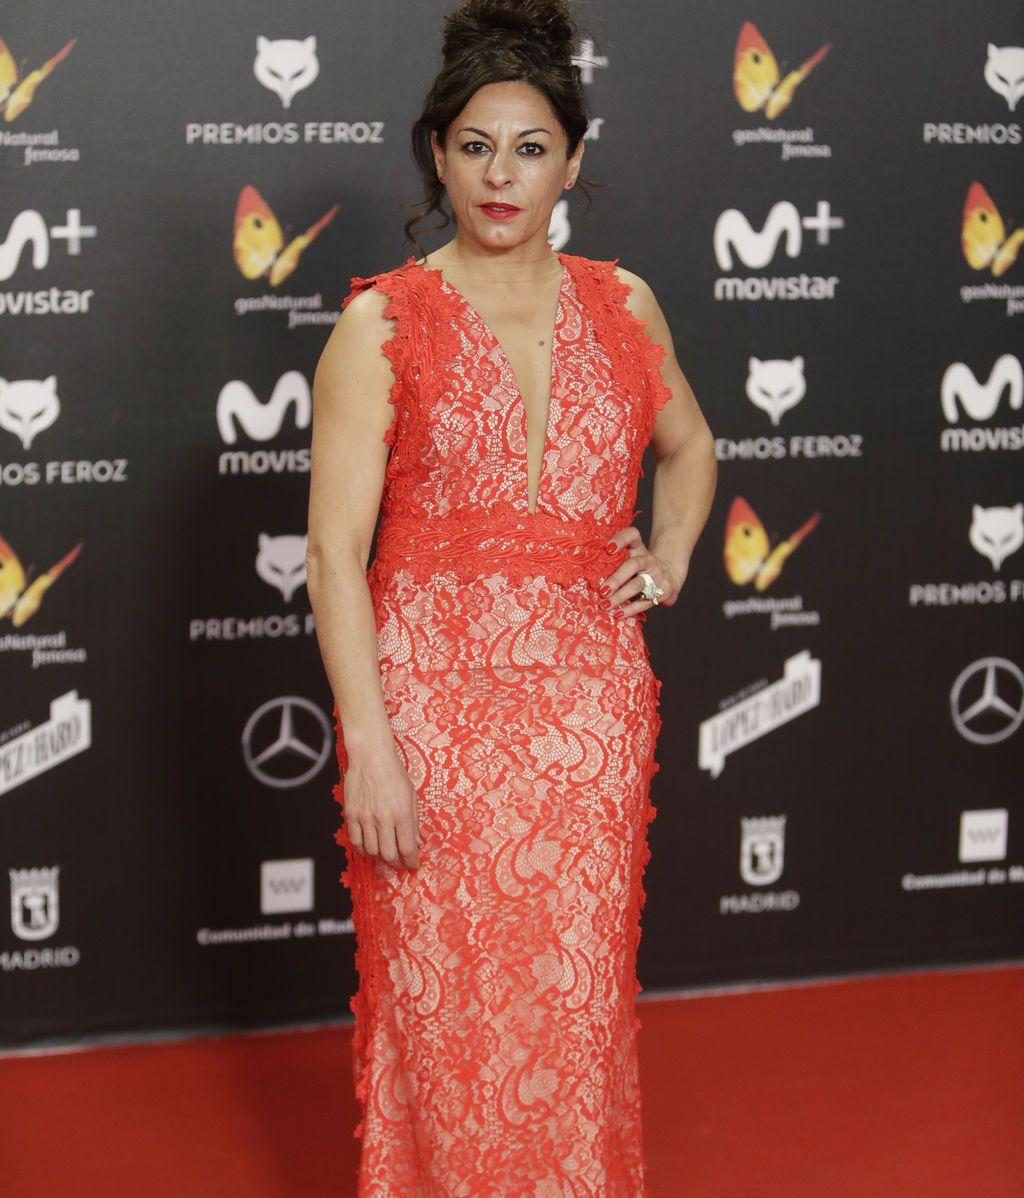 La alfombra roja de los Premios Feroz, en fotos